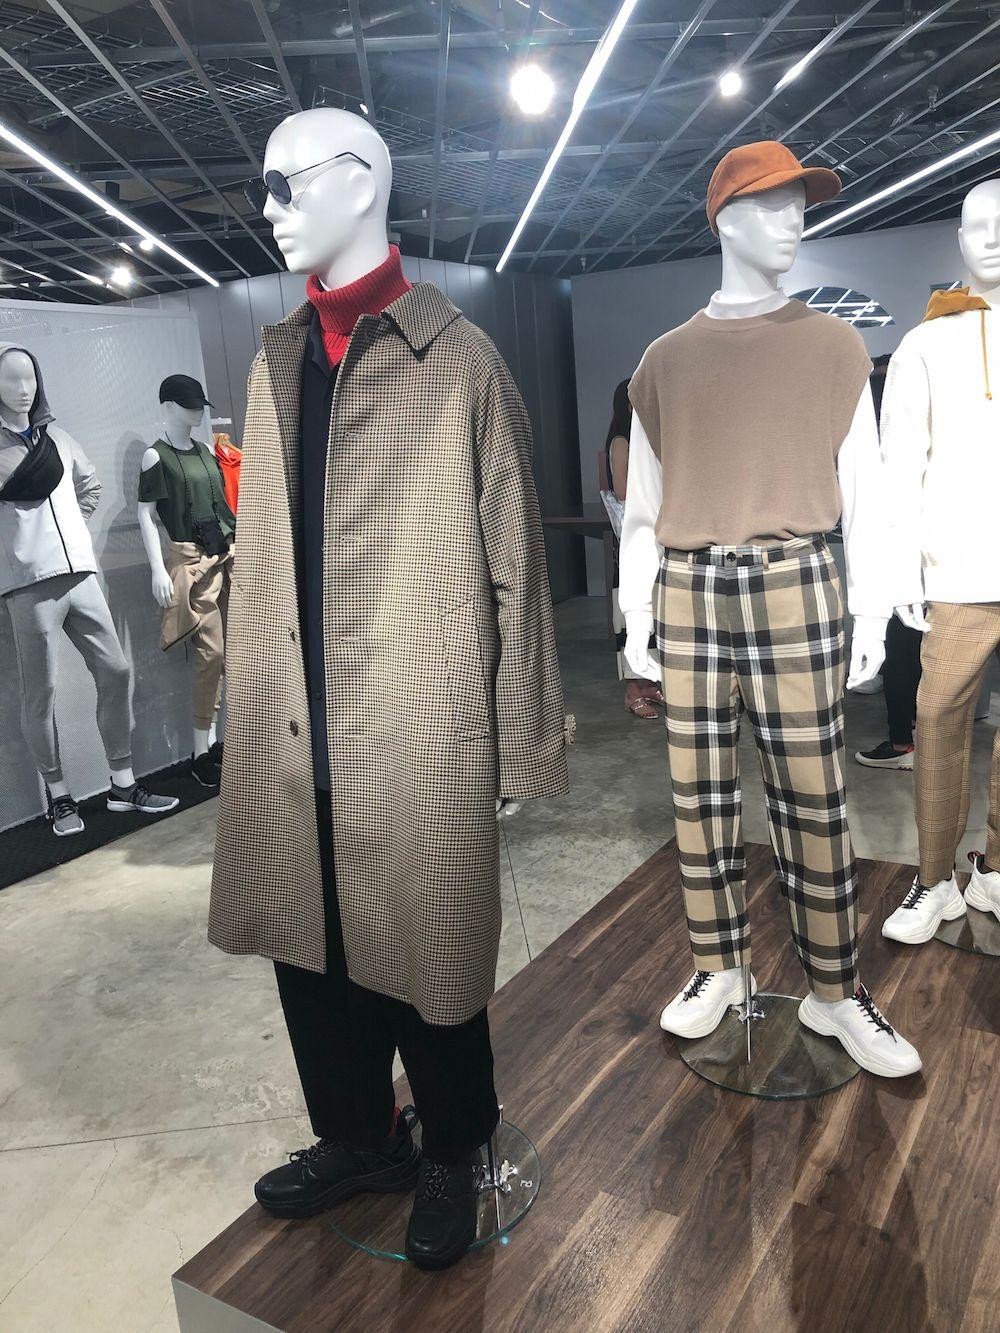 【2019年】秋ファッションのトレンドは? - 注目のキーワードや、『ユニクロ』『ZARA』など人気ブランドの秋冬展示会まとめ_43